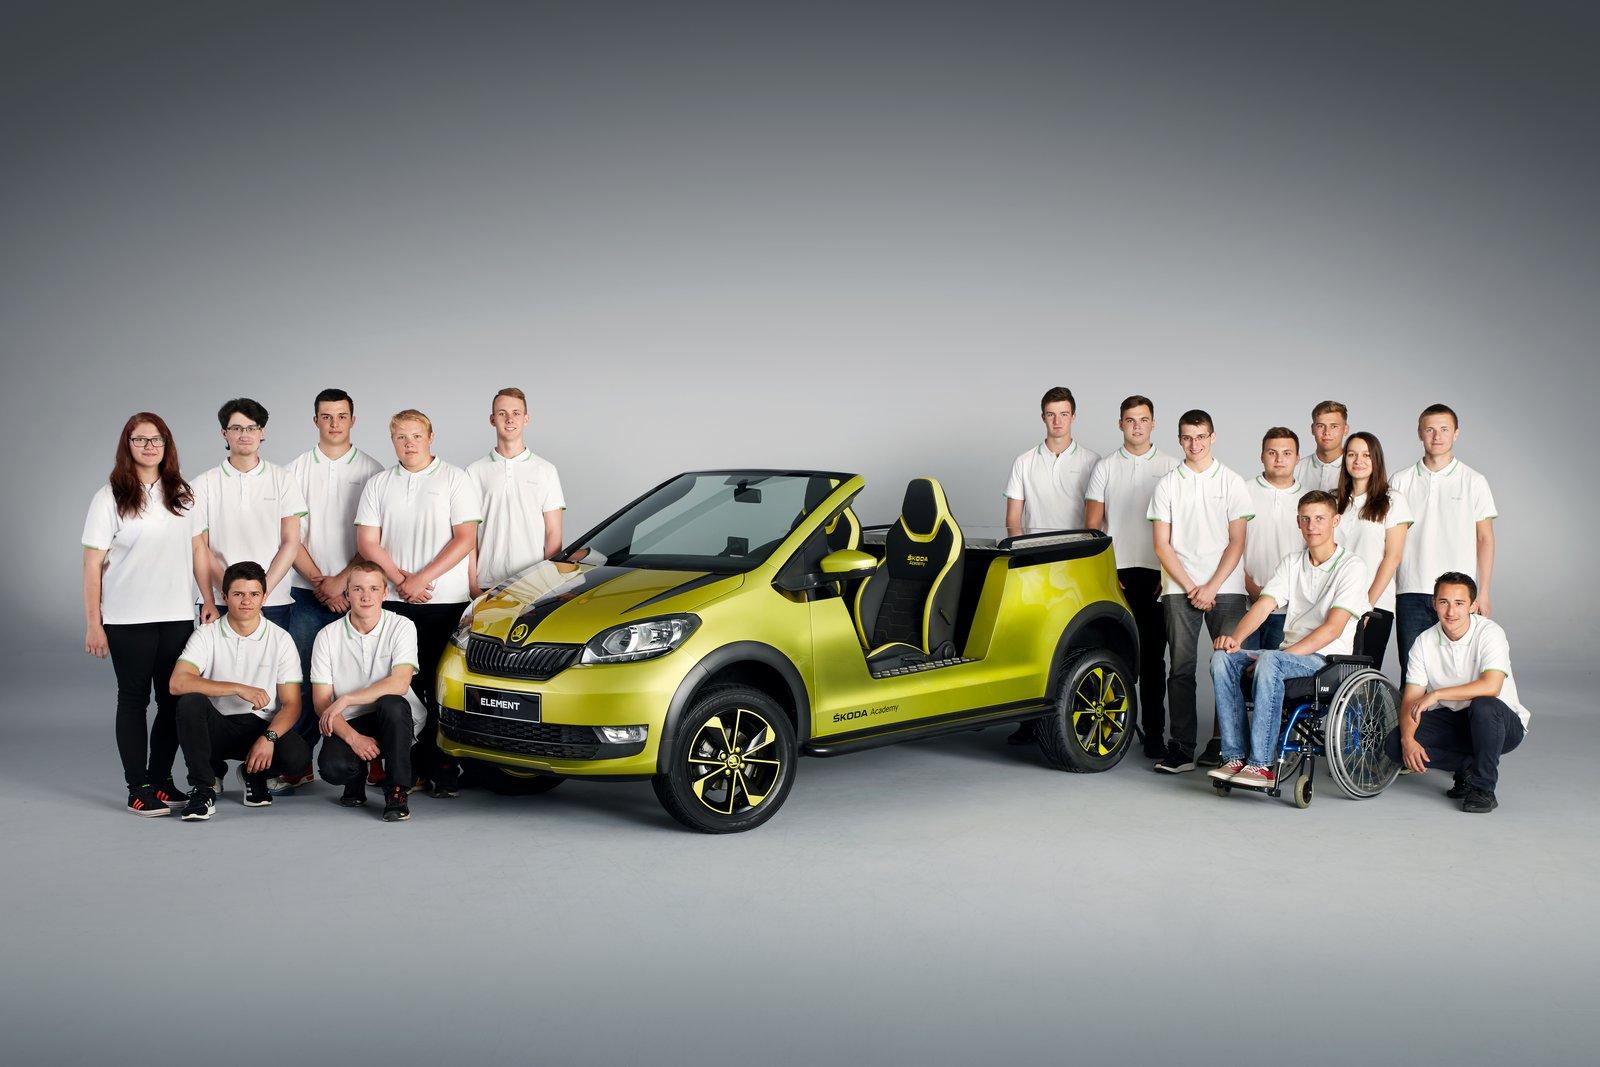 El Skoda Citigo se convierte en buggy eléctrico